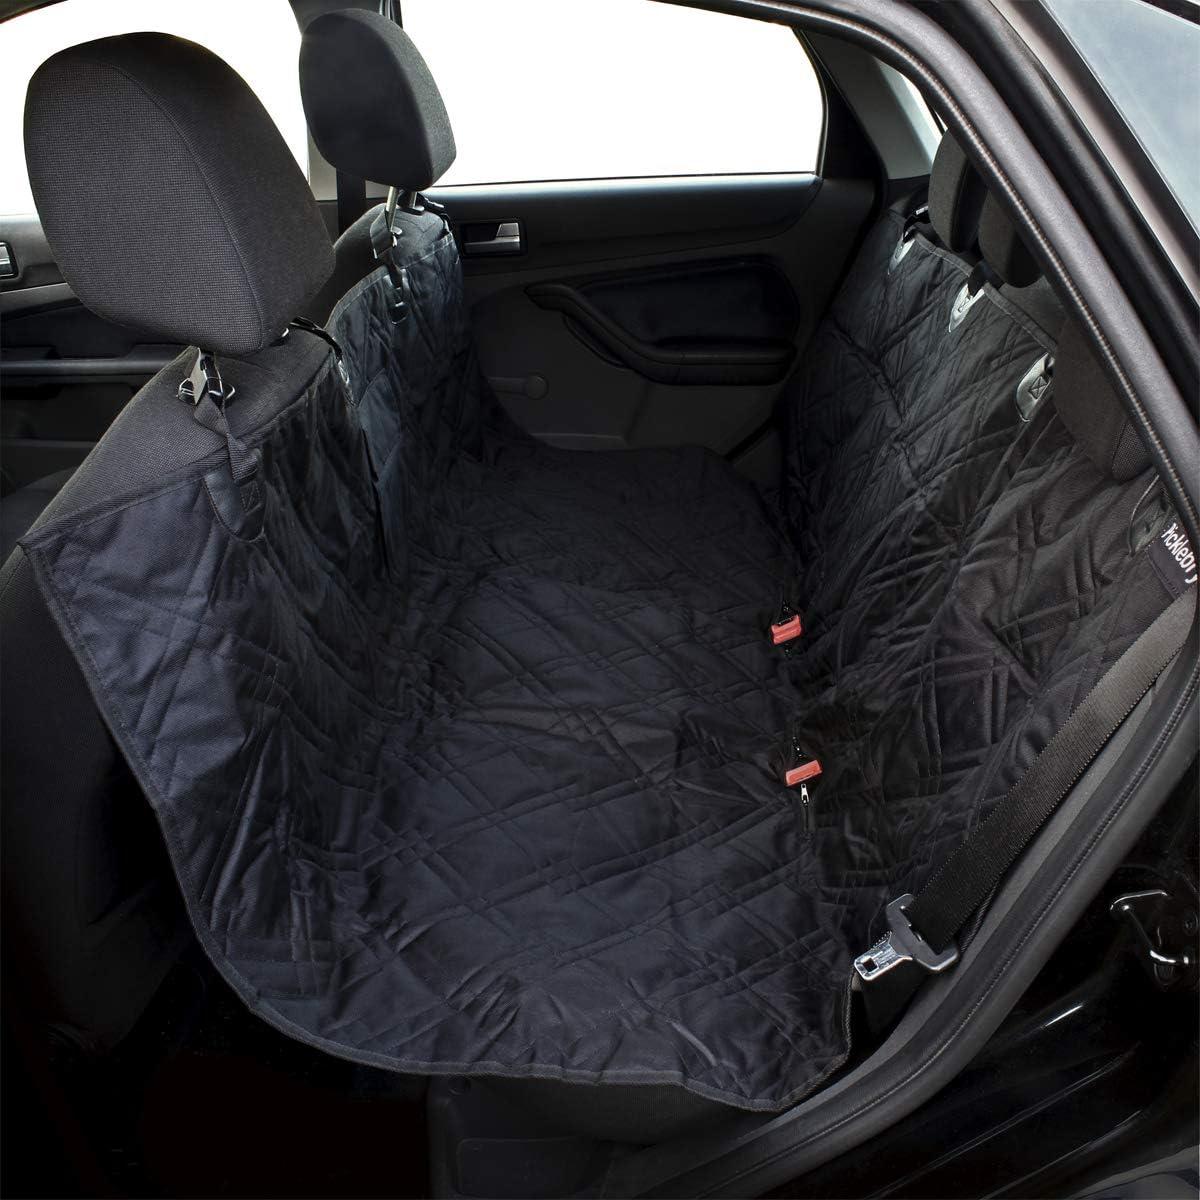 picklebry Gesteppte Luxus Gepolsterte Hund Auto Sitzbezug und Autositz G/ürtelclip wasserdicht Pet Sitzbezug mit rutschfester R/ückseite und verstellbarem Sitz Gurte